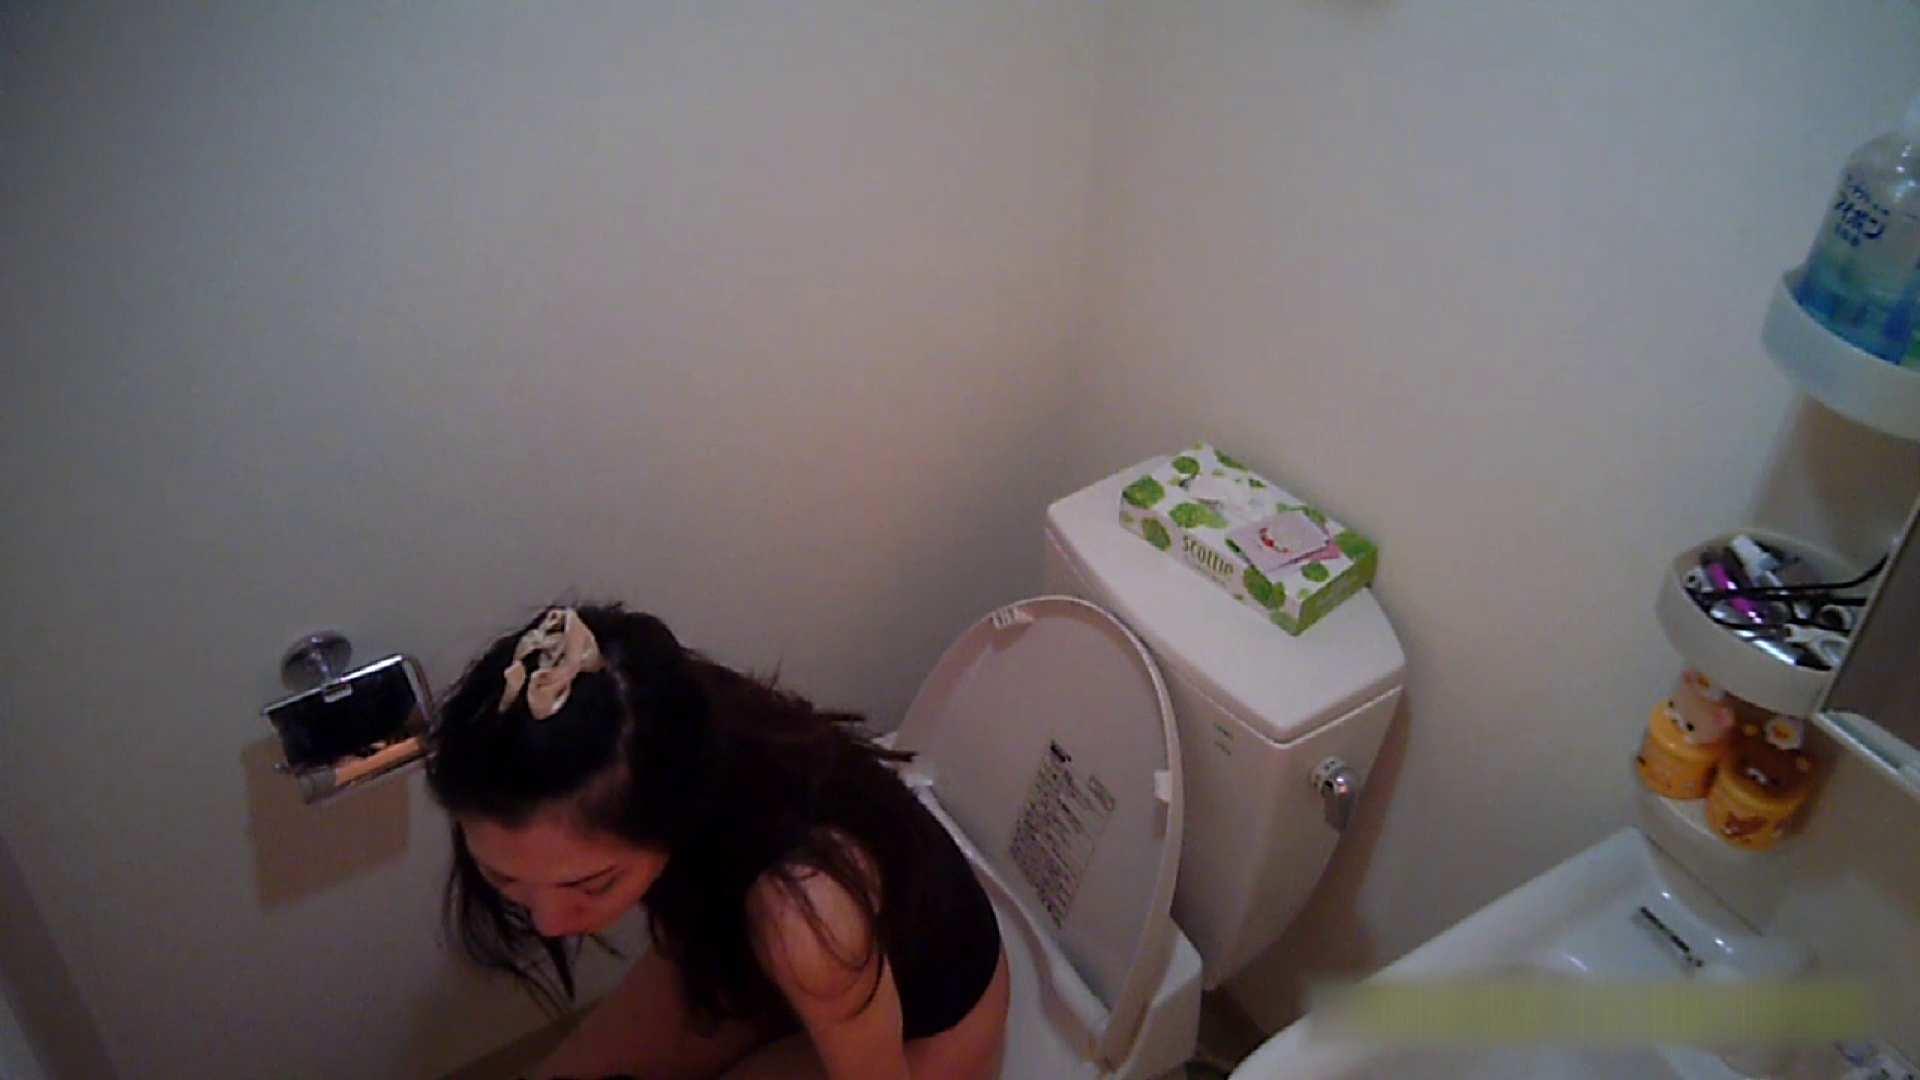 清楚な顔してかなり敏感なE子25歳(仮名)Vol.05 裸でトイレ編 トイレ中 | OL  68連発 33